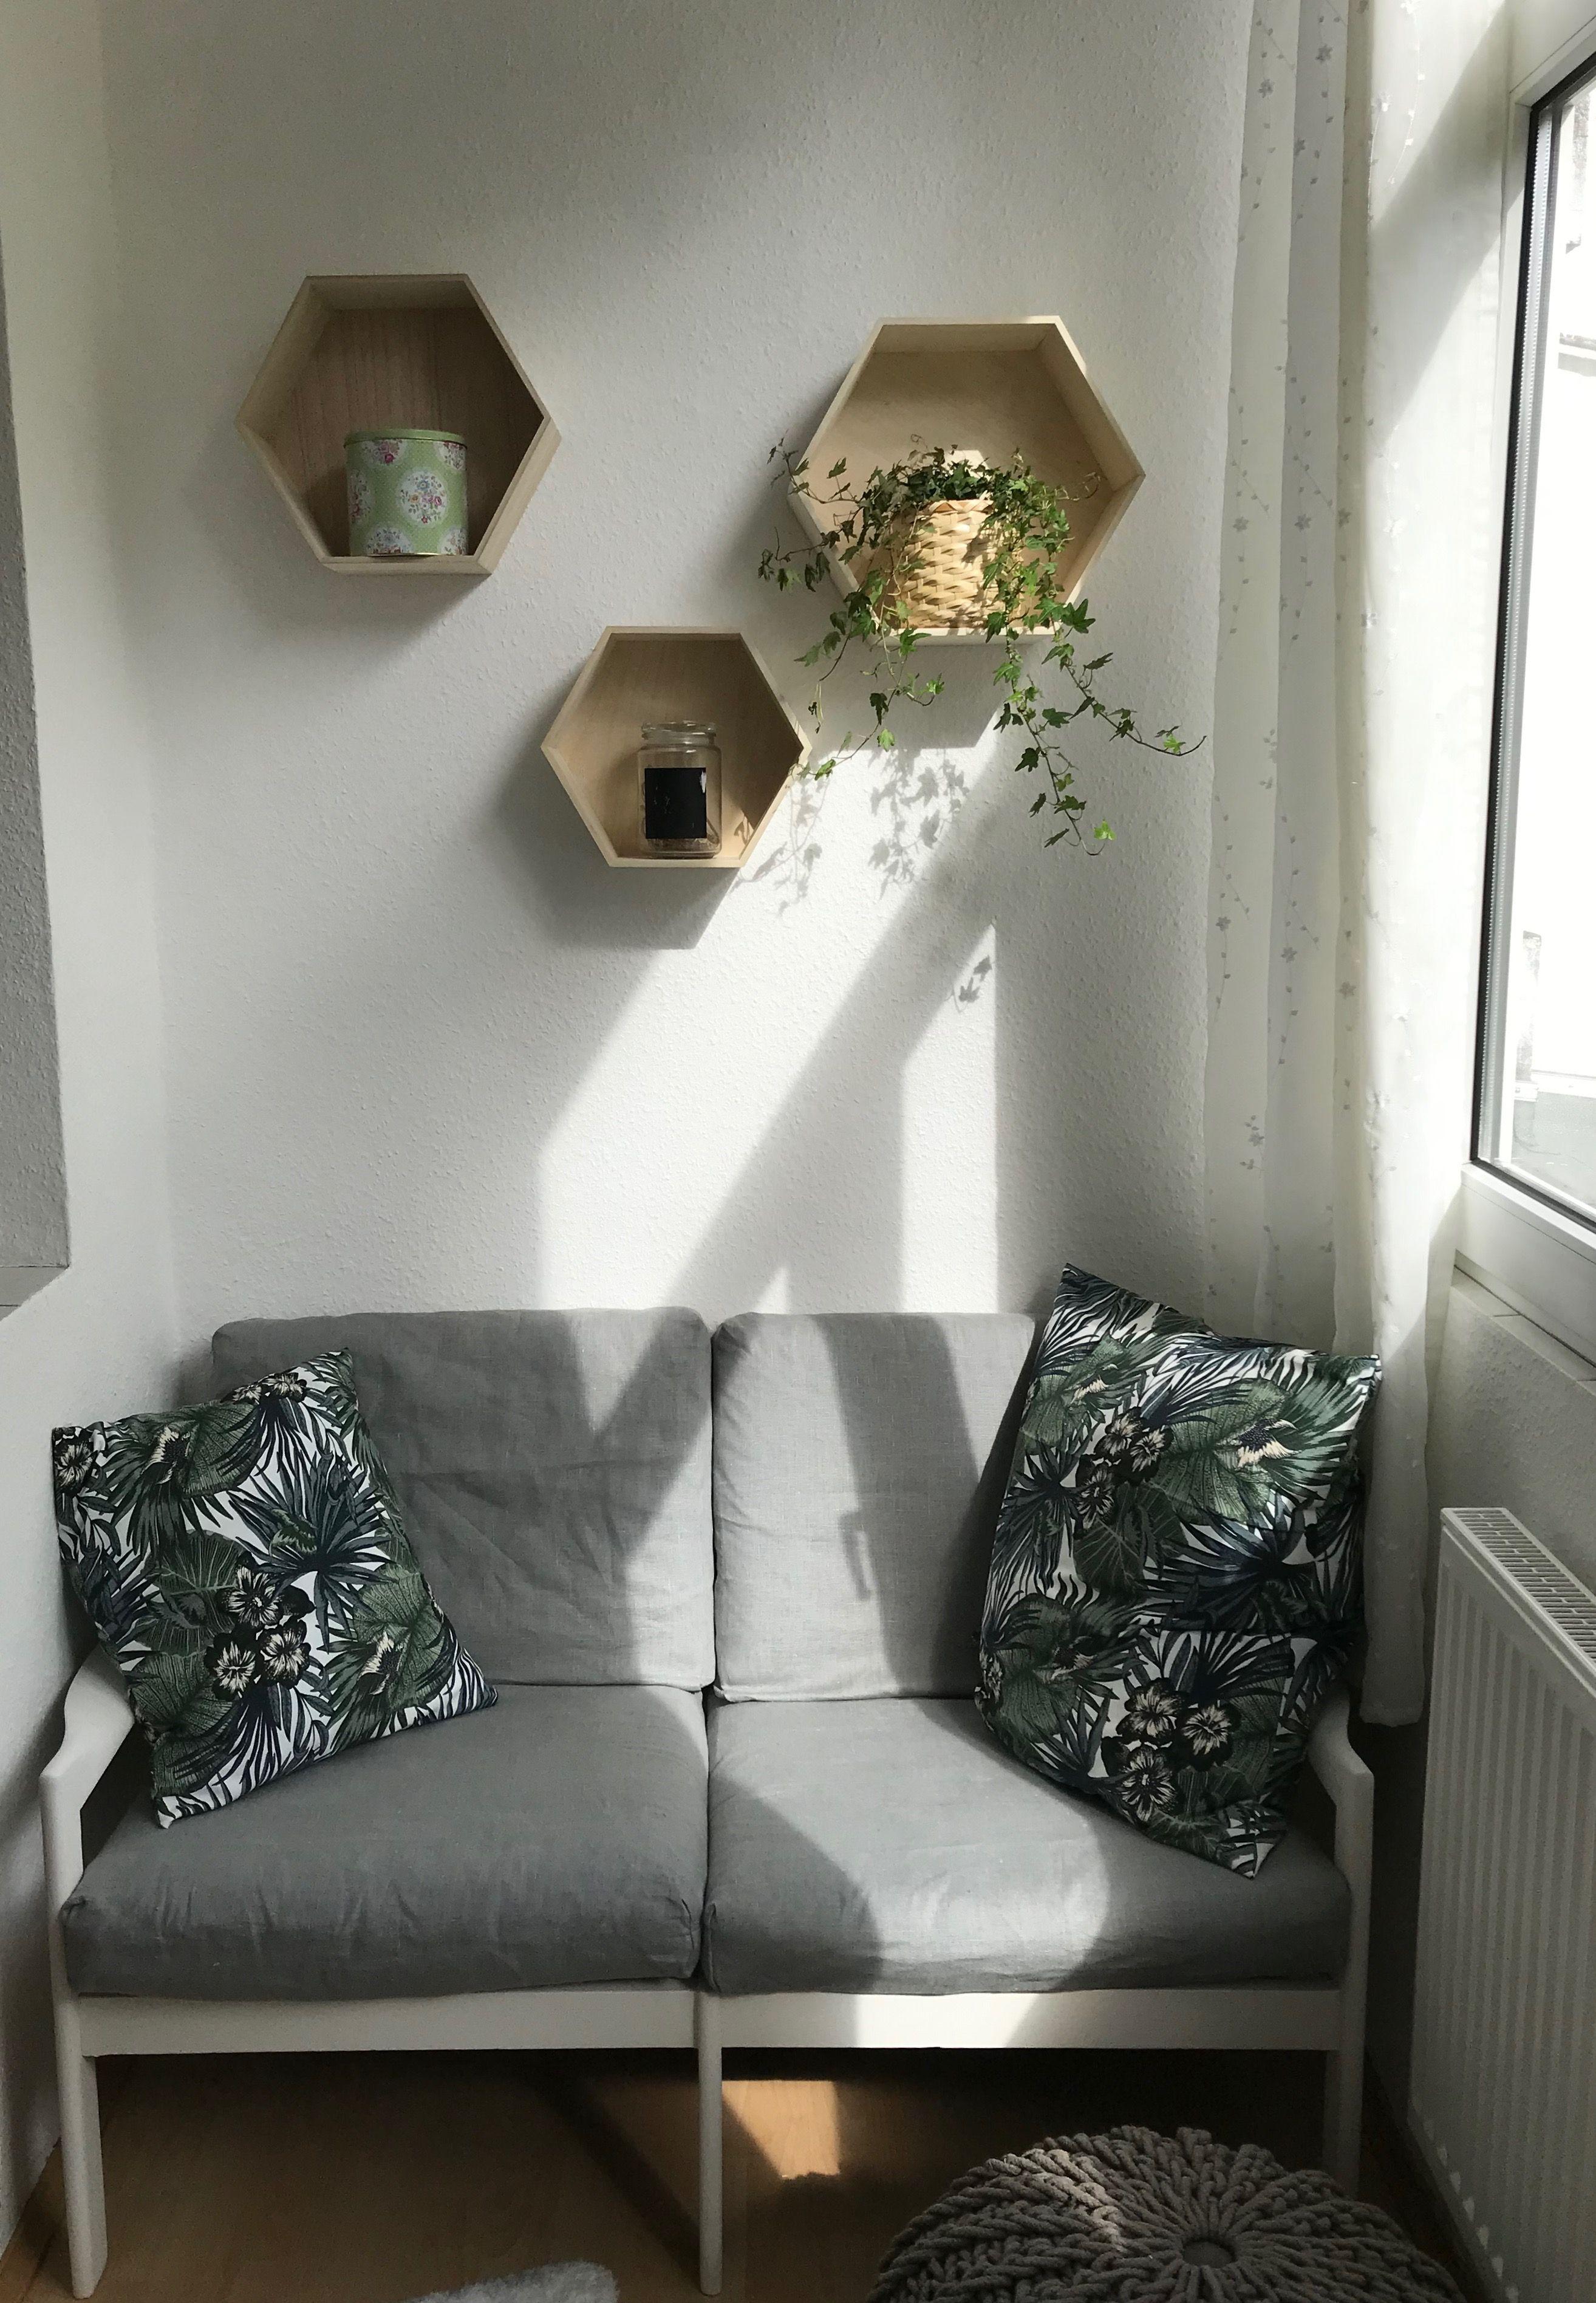 Kuschelige Sitzecke In Wg Haus Deko Sitzecke Wohnzimmer